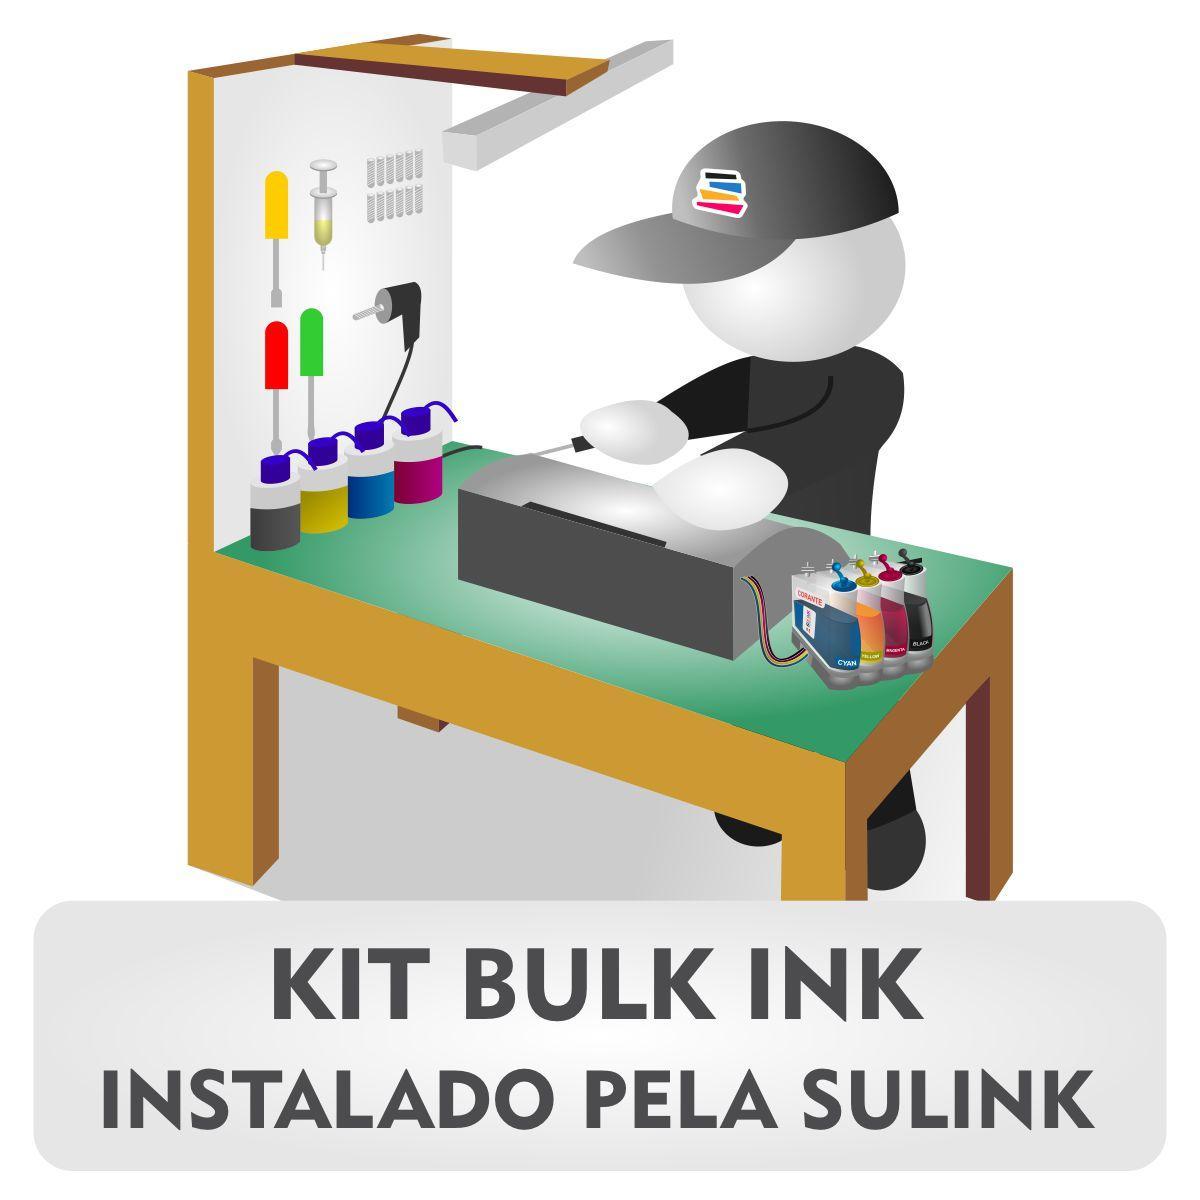 INSTALADO - Bulk Ink para HP Officejet Pro 7610 e 7612 Multifuncional A3 - 250ml 4 Cores Corante HP Série PRO | Instalado pela Sulink (Sem Cartucho - Utilizar Original HP do Cliente)